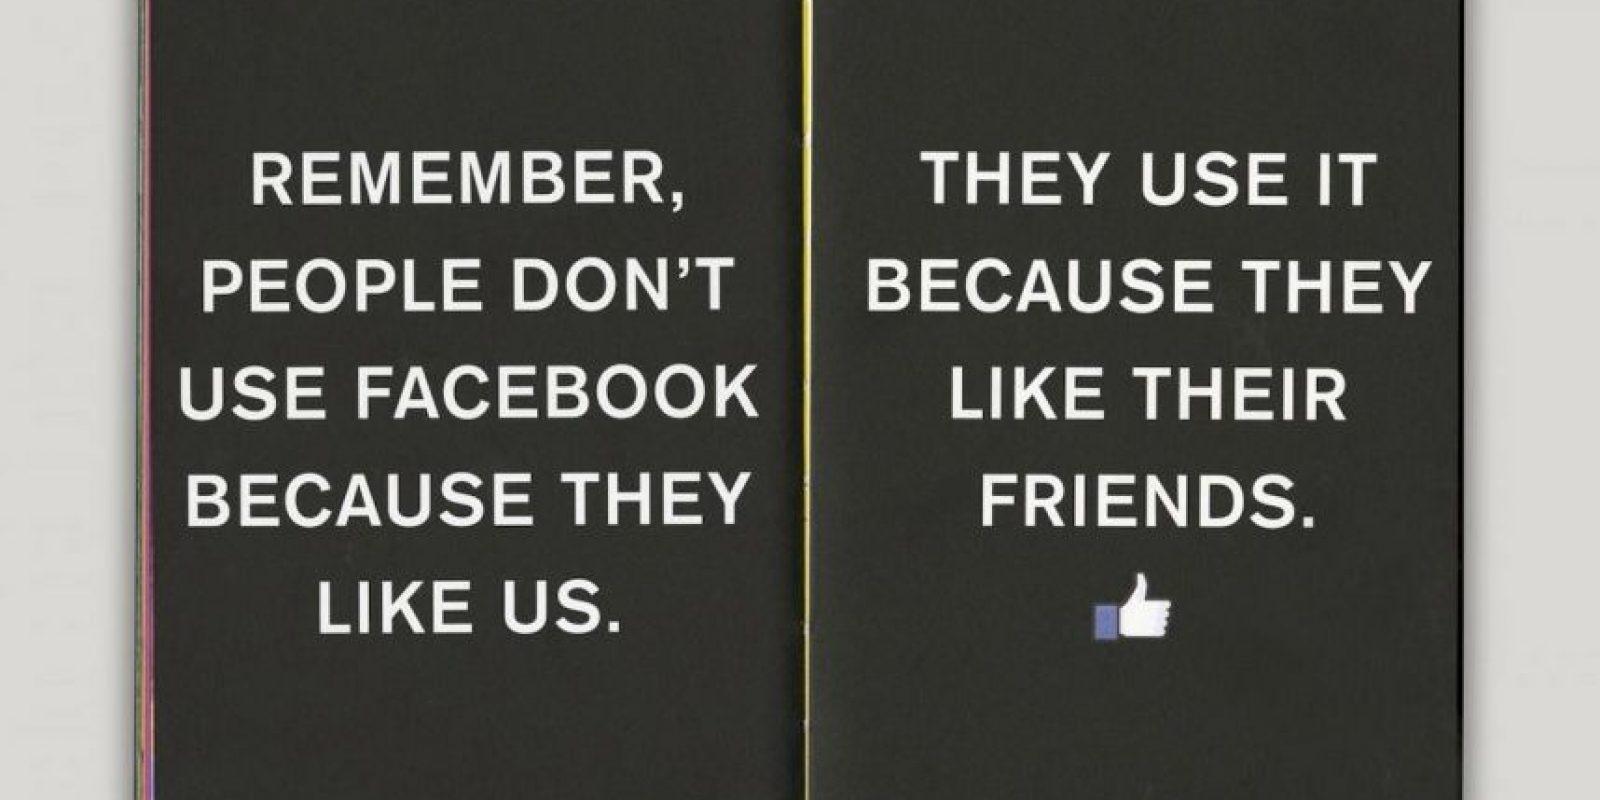 Recuerda, la gente no usa Facebook porque le gusta. La gente usa Facebook porque le gustan sus amigos. Foto:officeofbenbarry.com